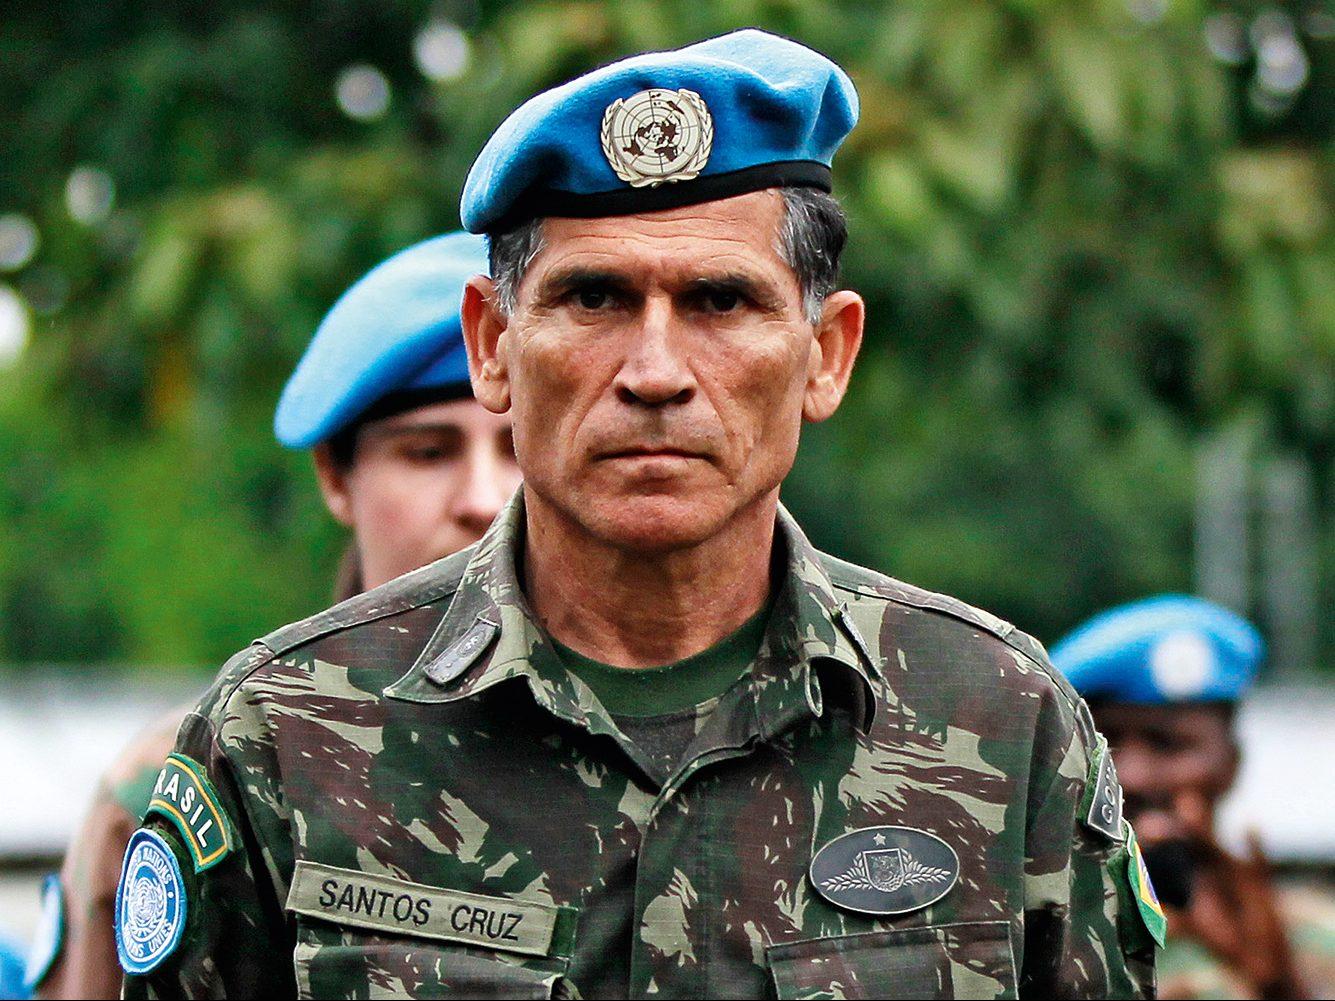 Bancada do DF quer encontro com general (Foto: Imagem: Thomas Mukoya/Reuters)